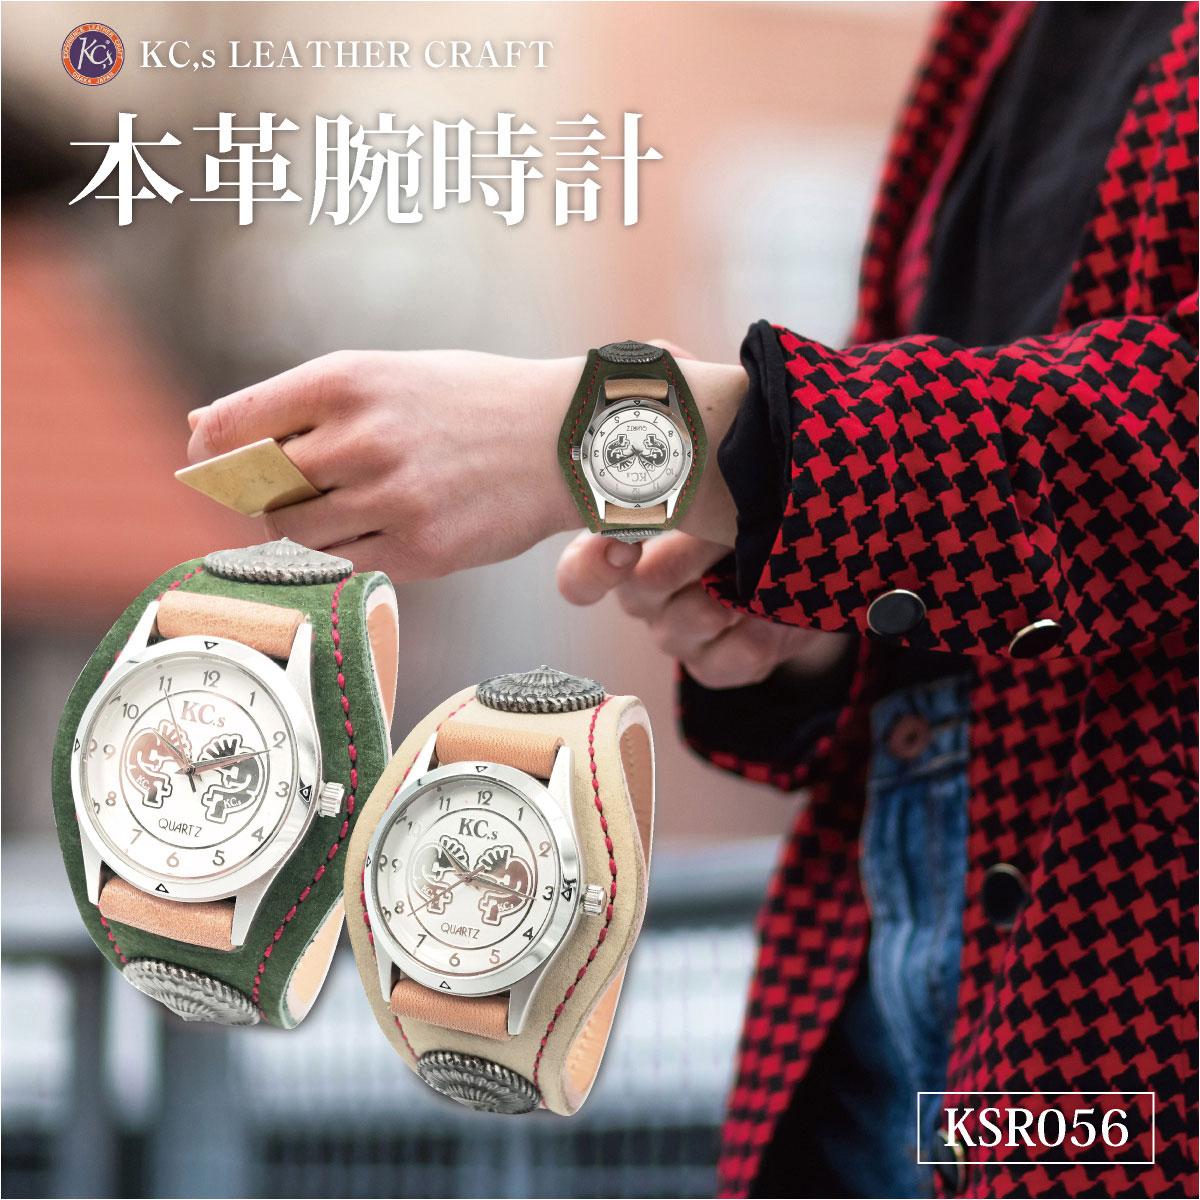 腕時計 メンズ レディース 本革 革 レザー KC,s ケーシーズ ケイシイズ 3コンチョ スタンディング ロック レザーブレスレット ksr056